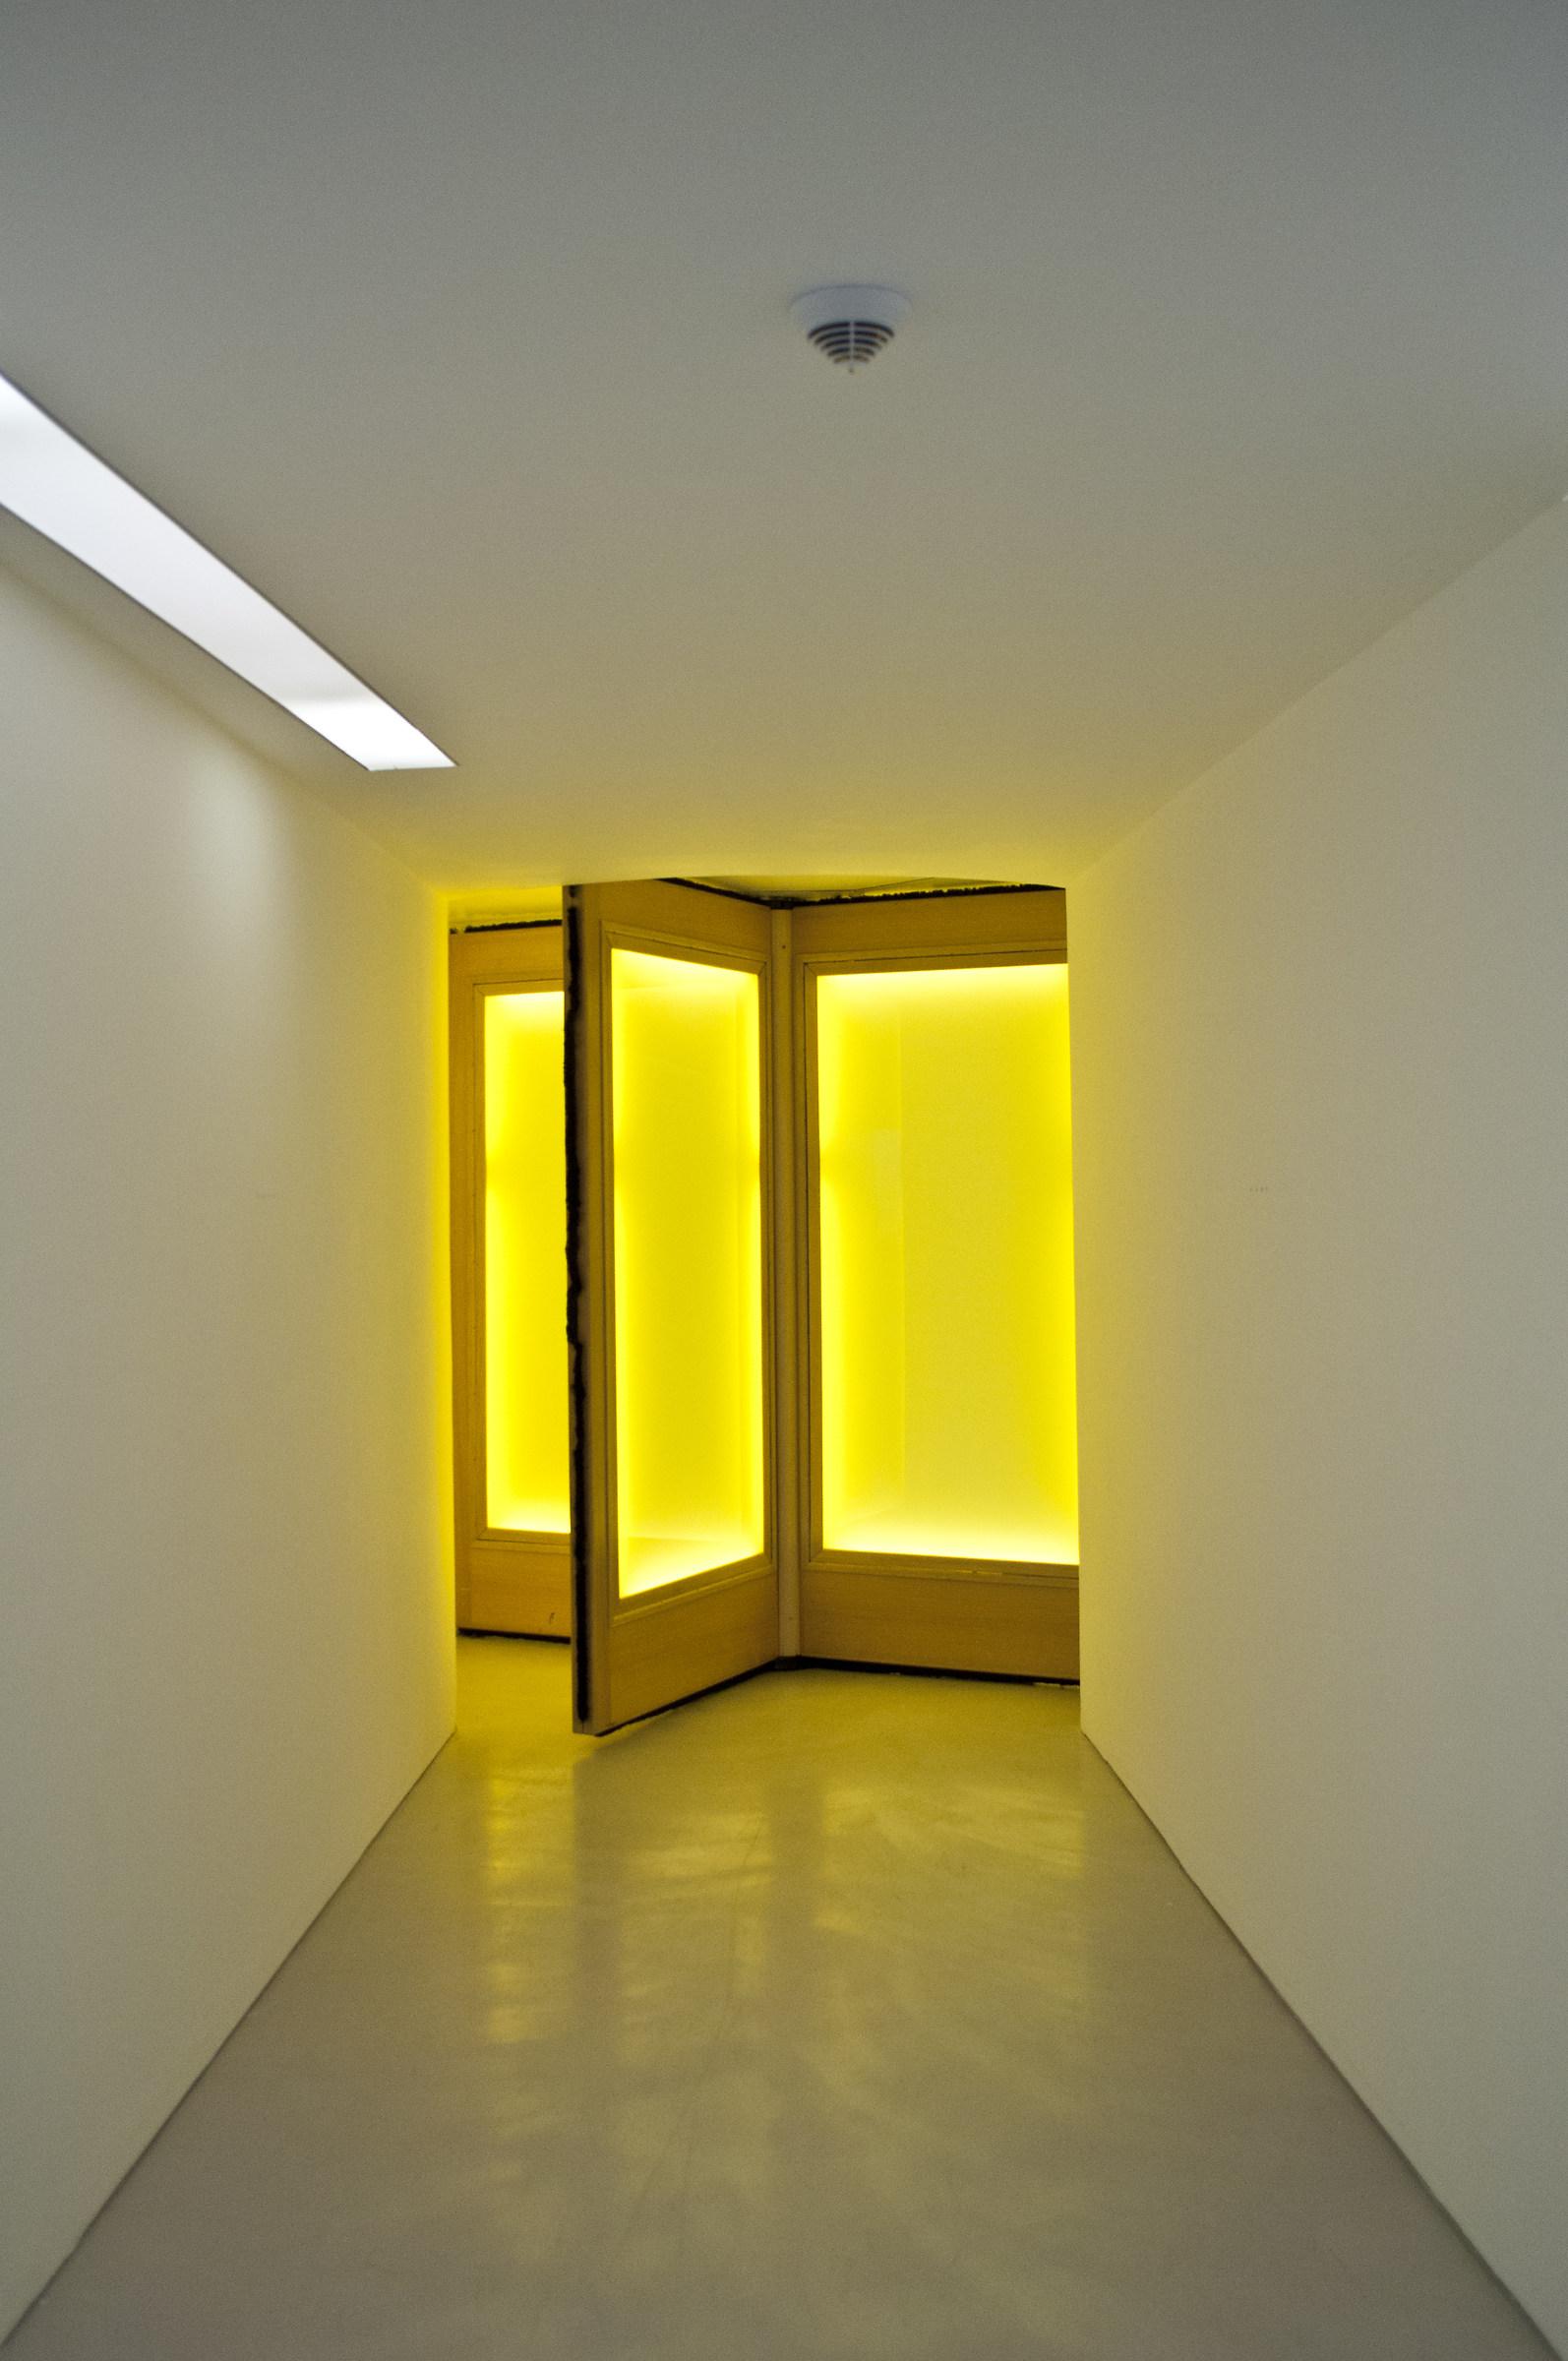 The door...